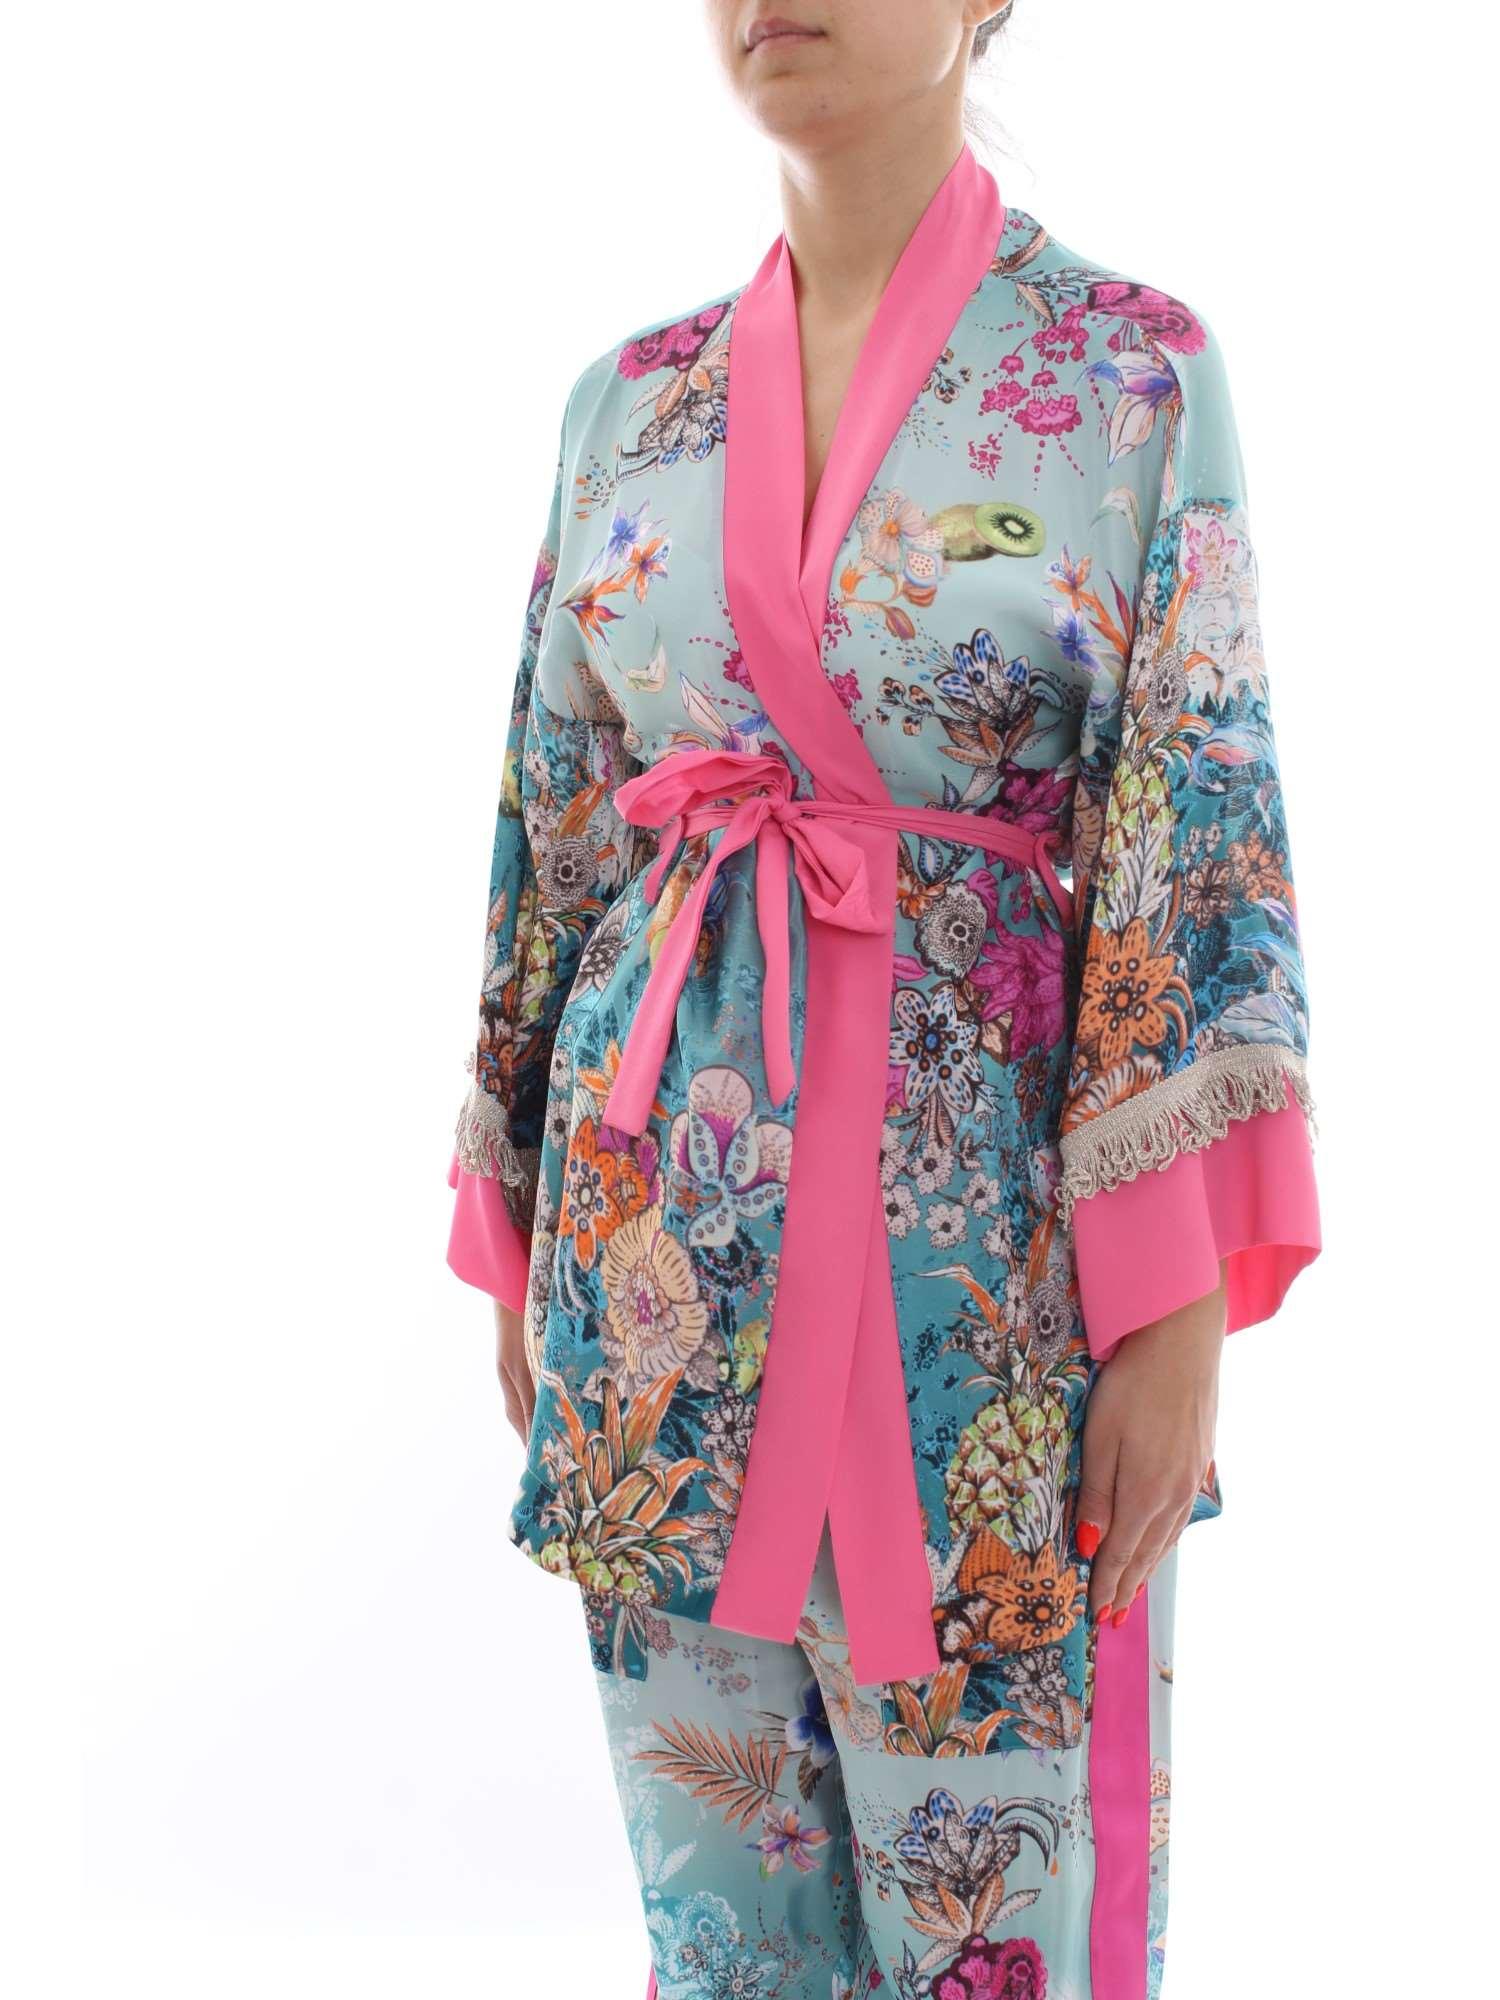 Été Green Robe Aqua 71 Lie Femme Lafty Printemps 43l220 4wqp8SWxR